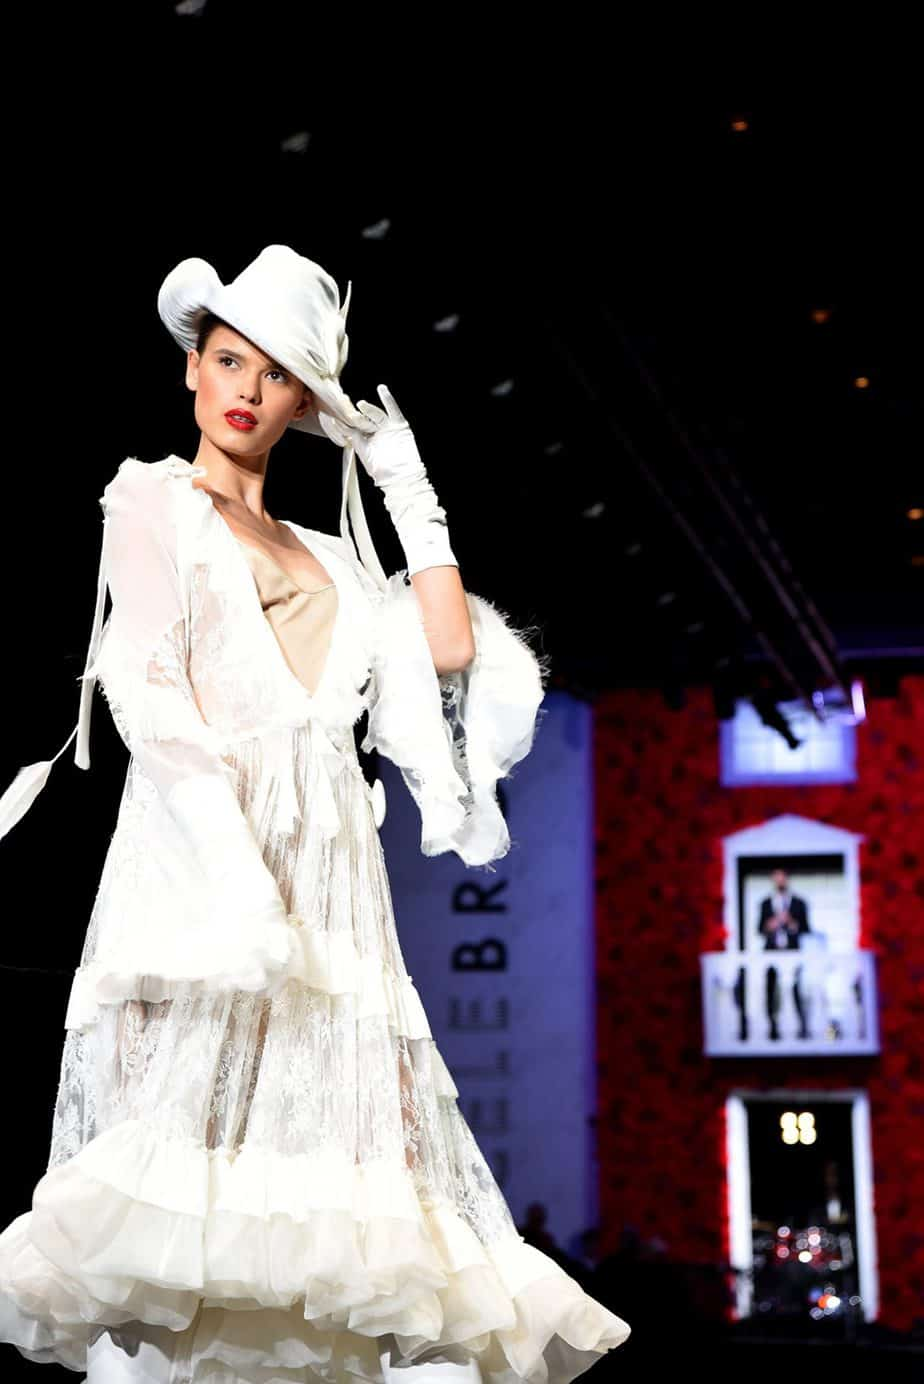 לנה אנטוניוק שמלת כלה - ויקטור (ויוי) בלאיש. צילום: לימור יערי